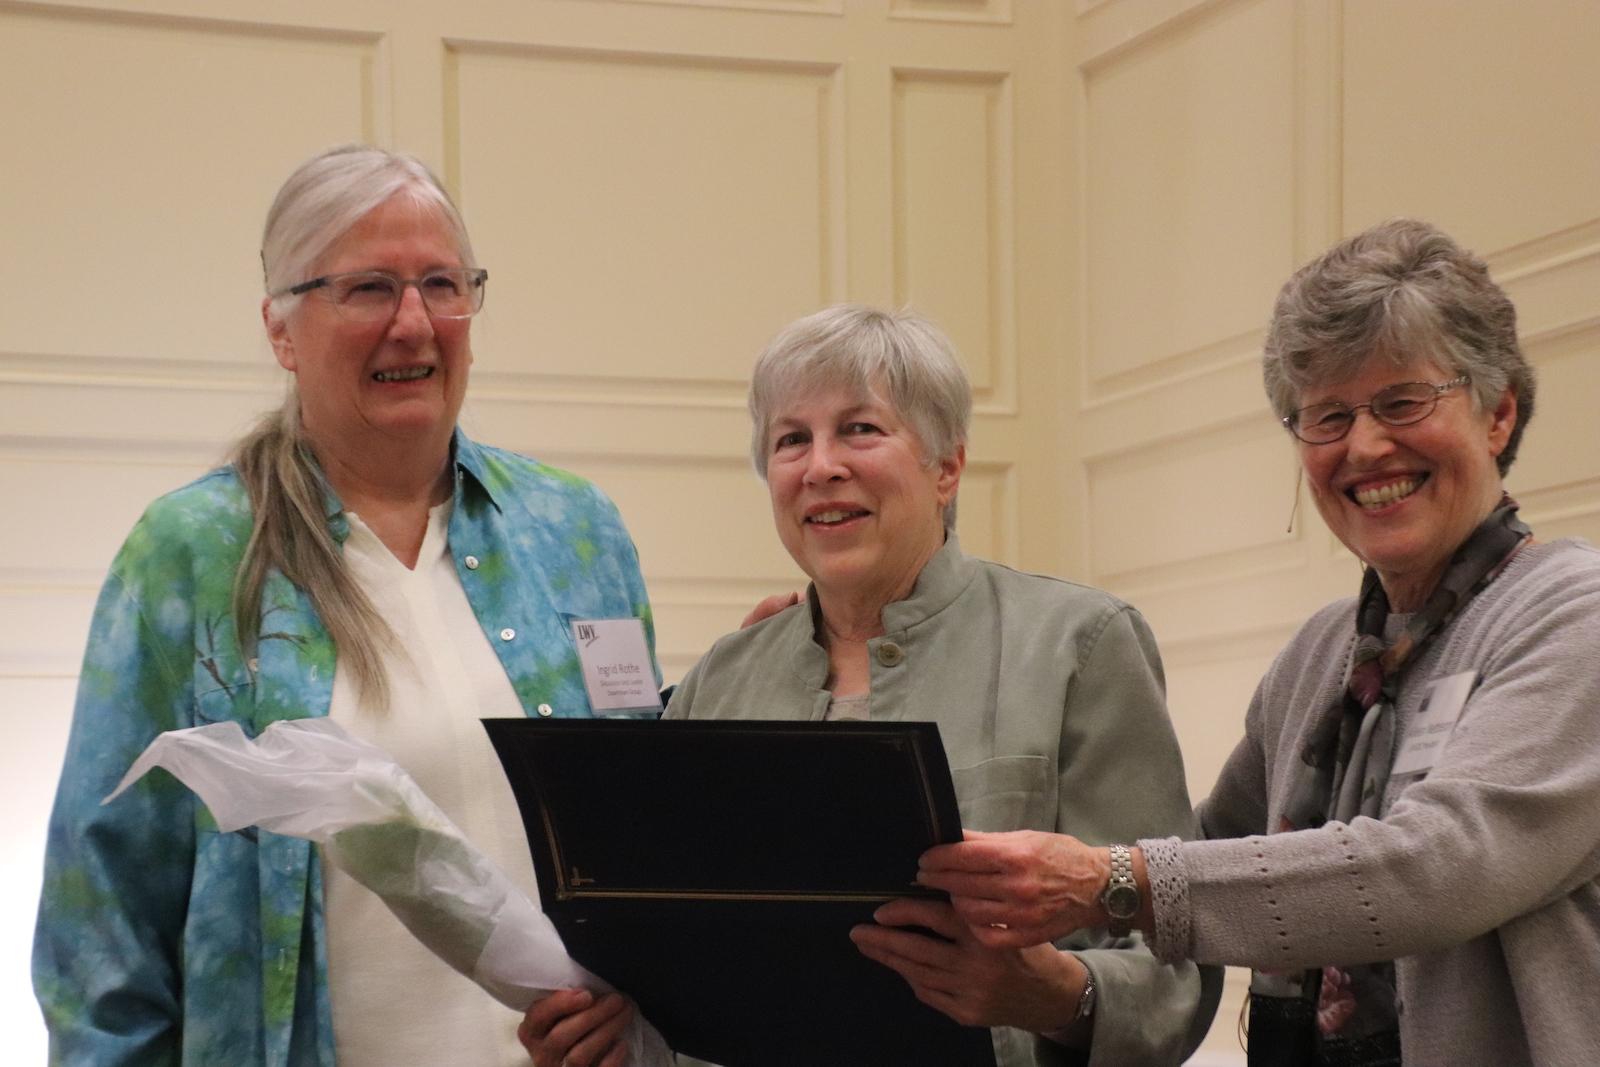 Award winners Ingrid Rothe, Kathleen Fullin, and current President, Aileen Nettleton. Photo credit: Al Nettleton